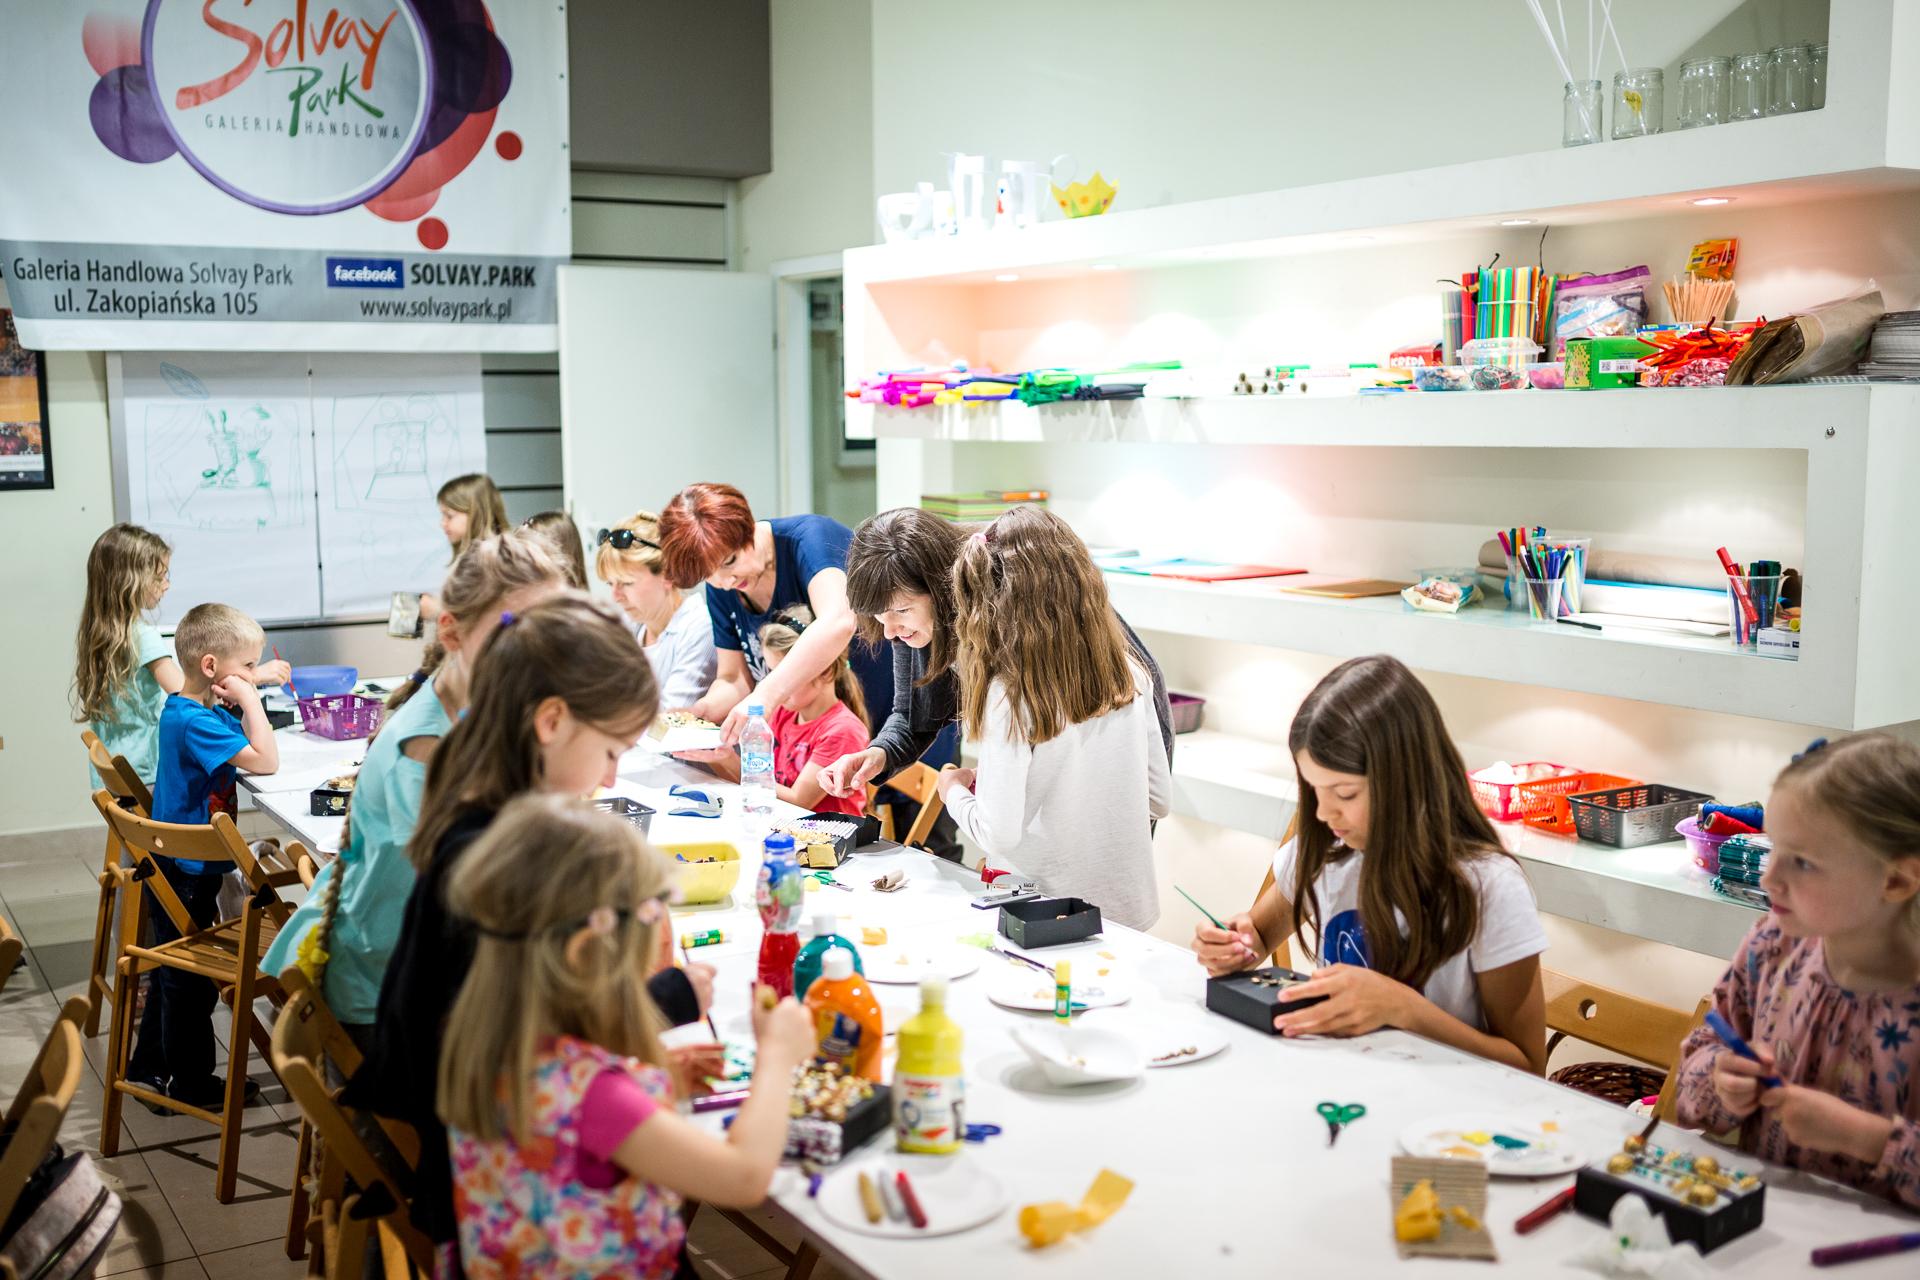 Warsztaty dla dzieci w Solvay